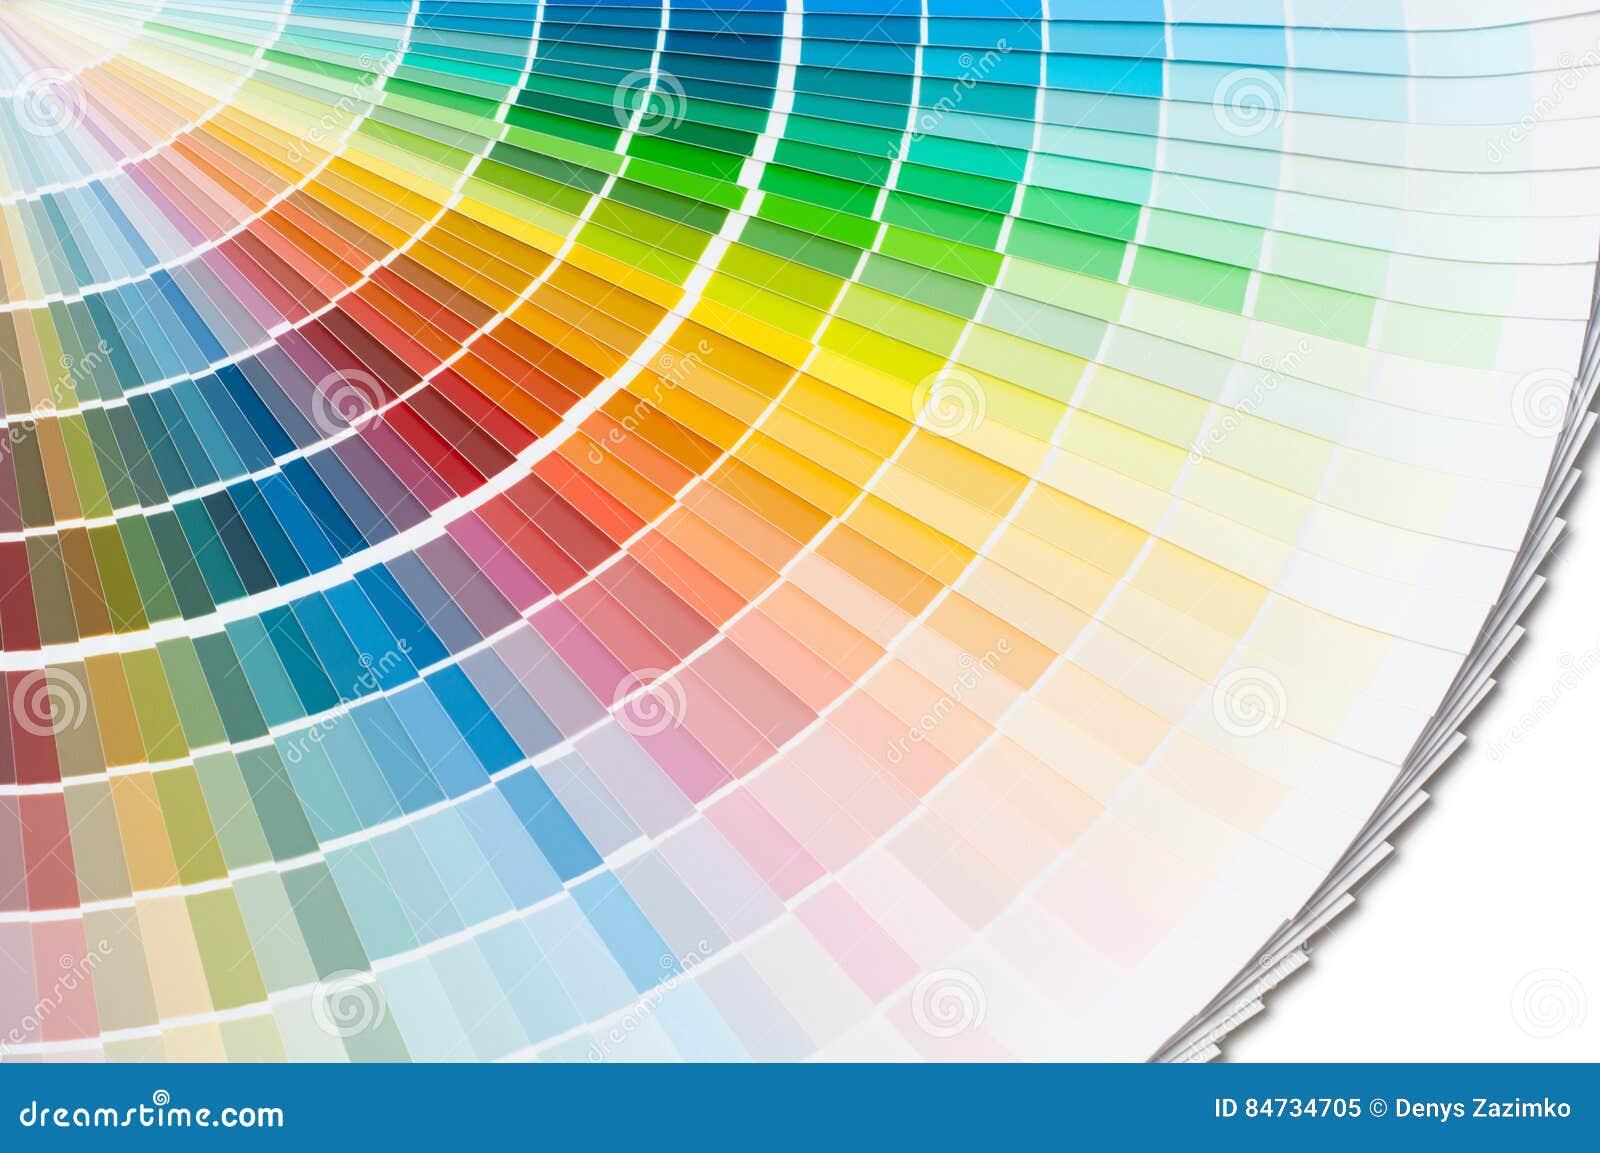 Tavolozza di colore, guida di colore, campioni della pittura, catalogo di colore